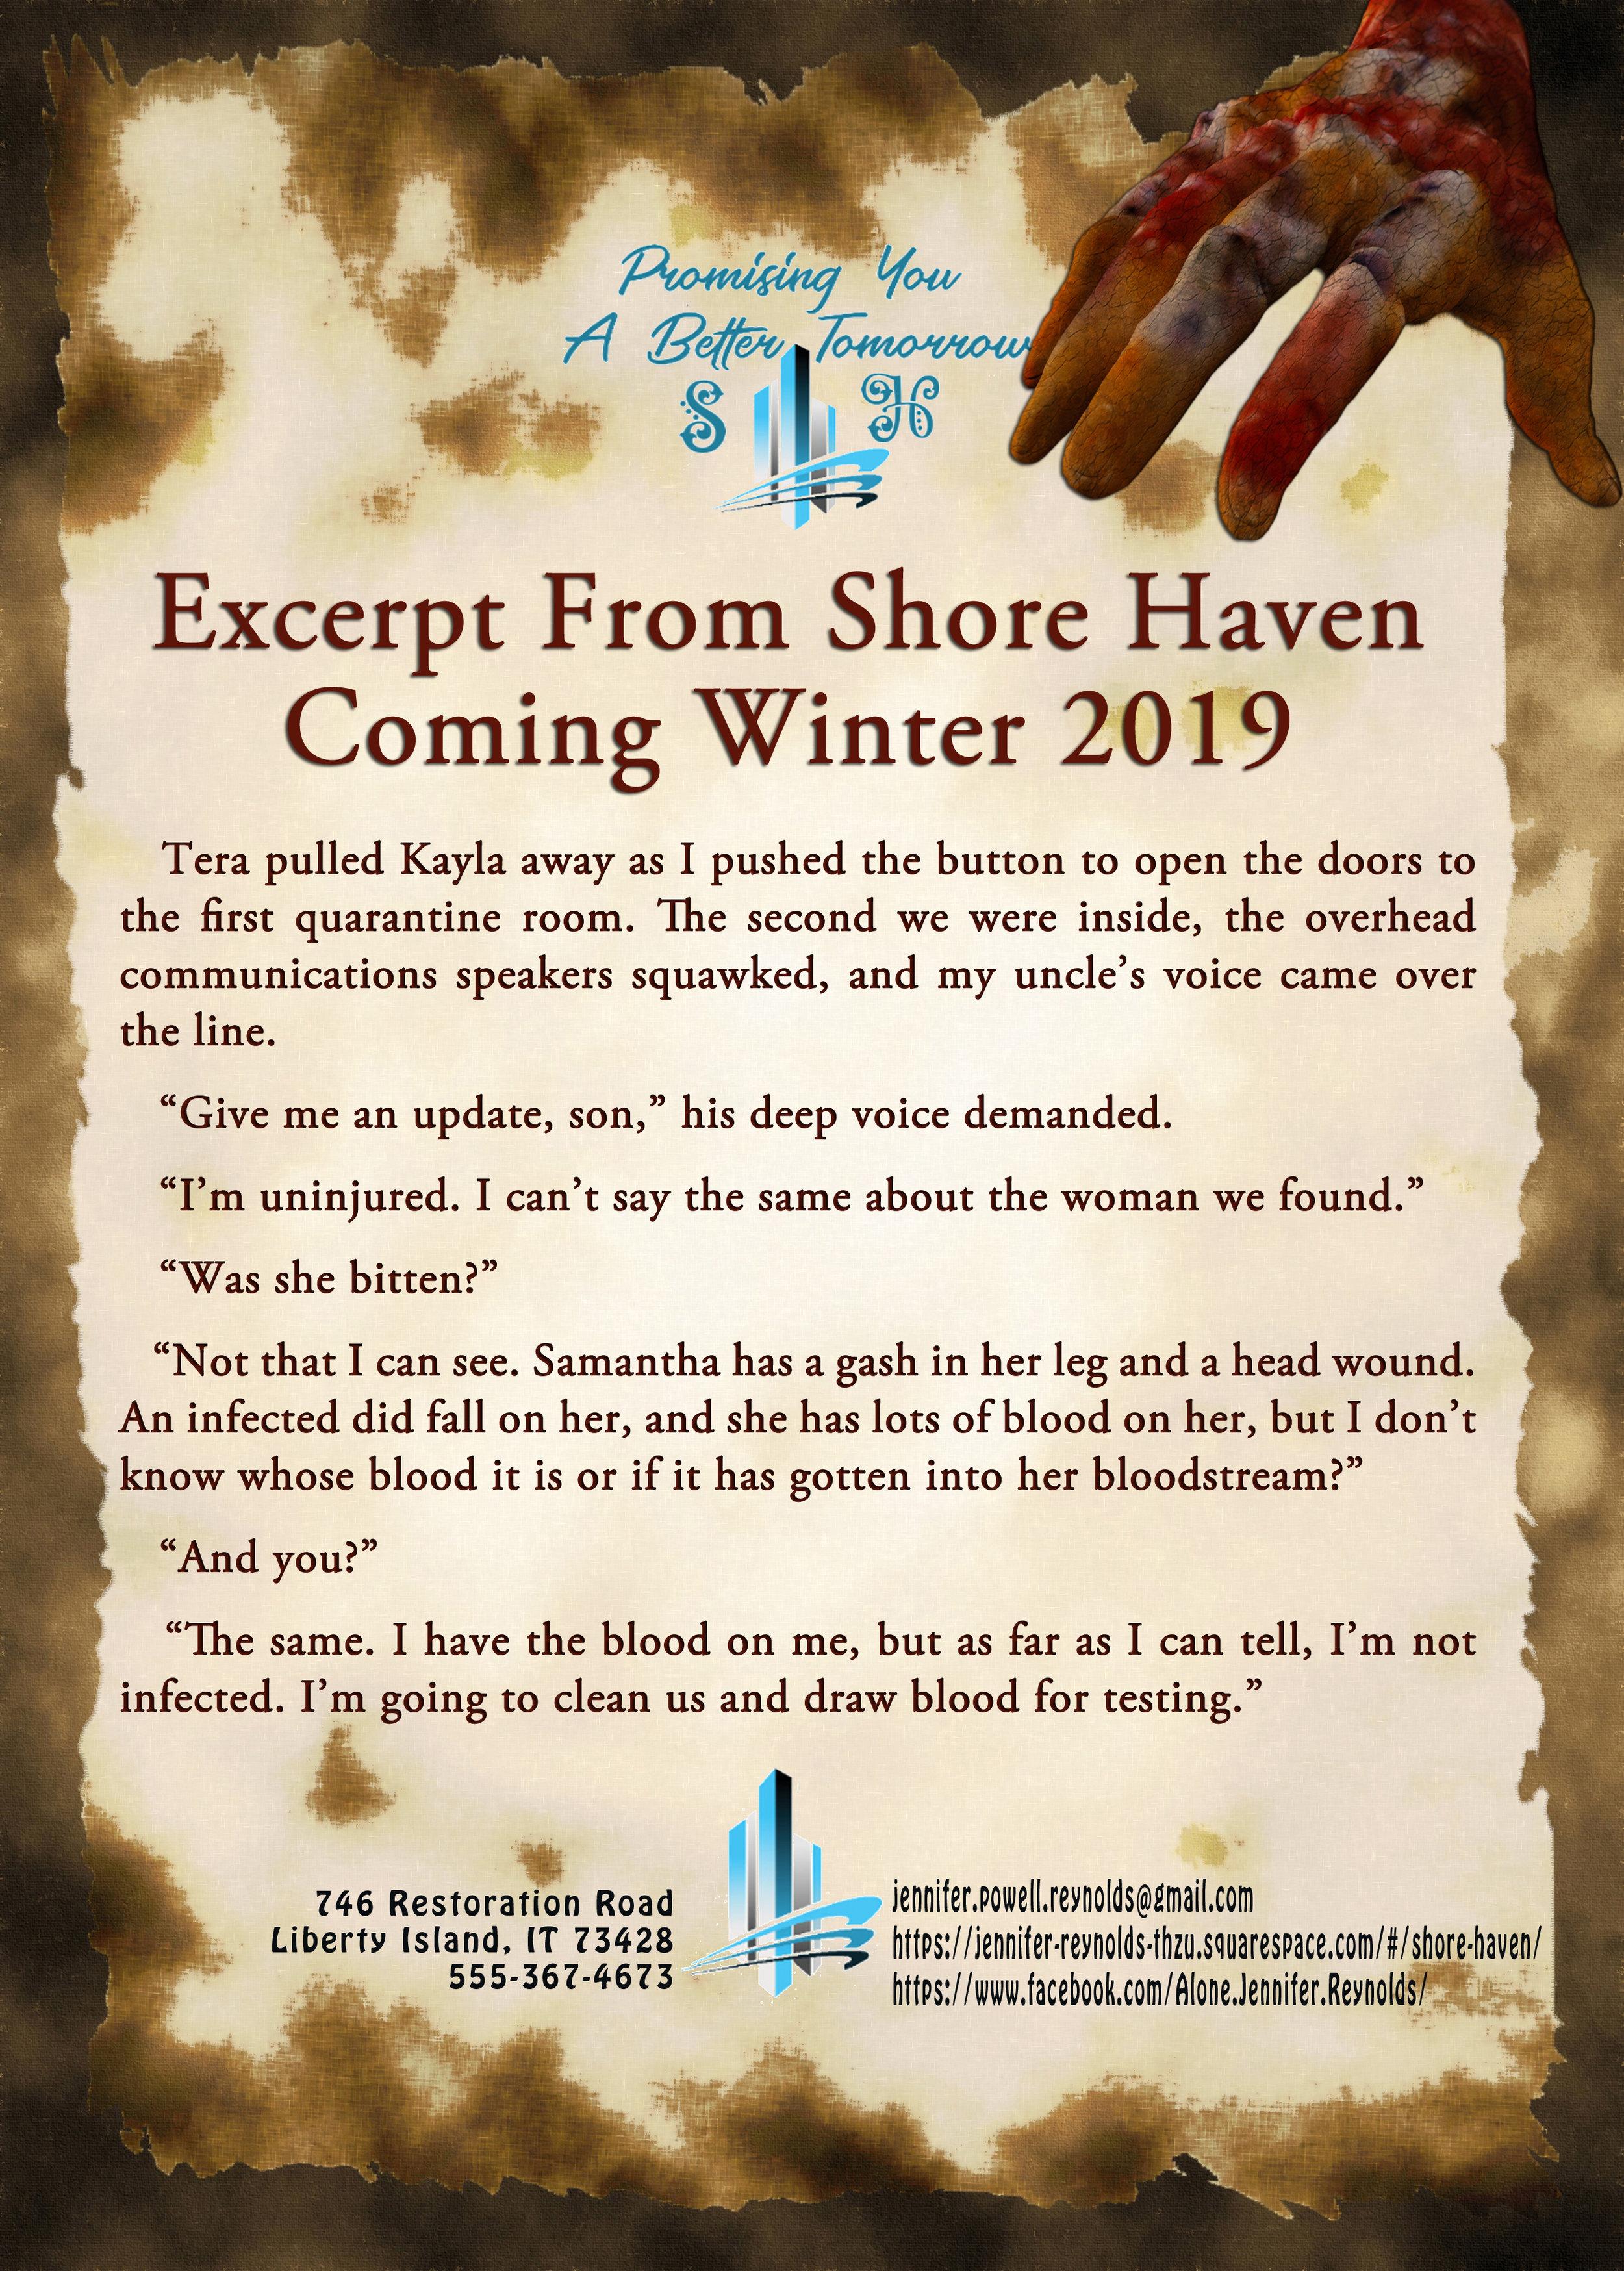 Shore Haven Excerpt 37.jpg